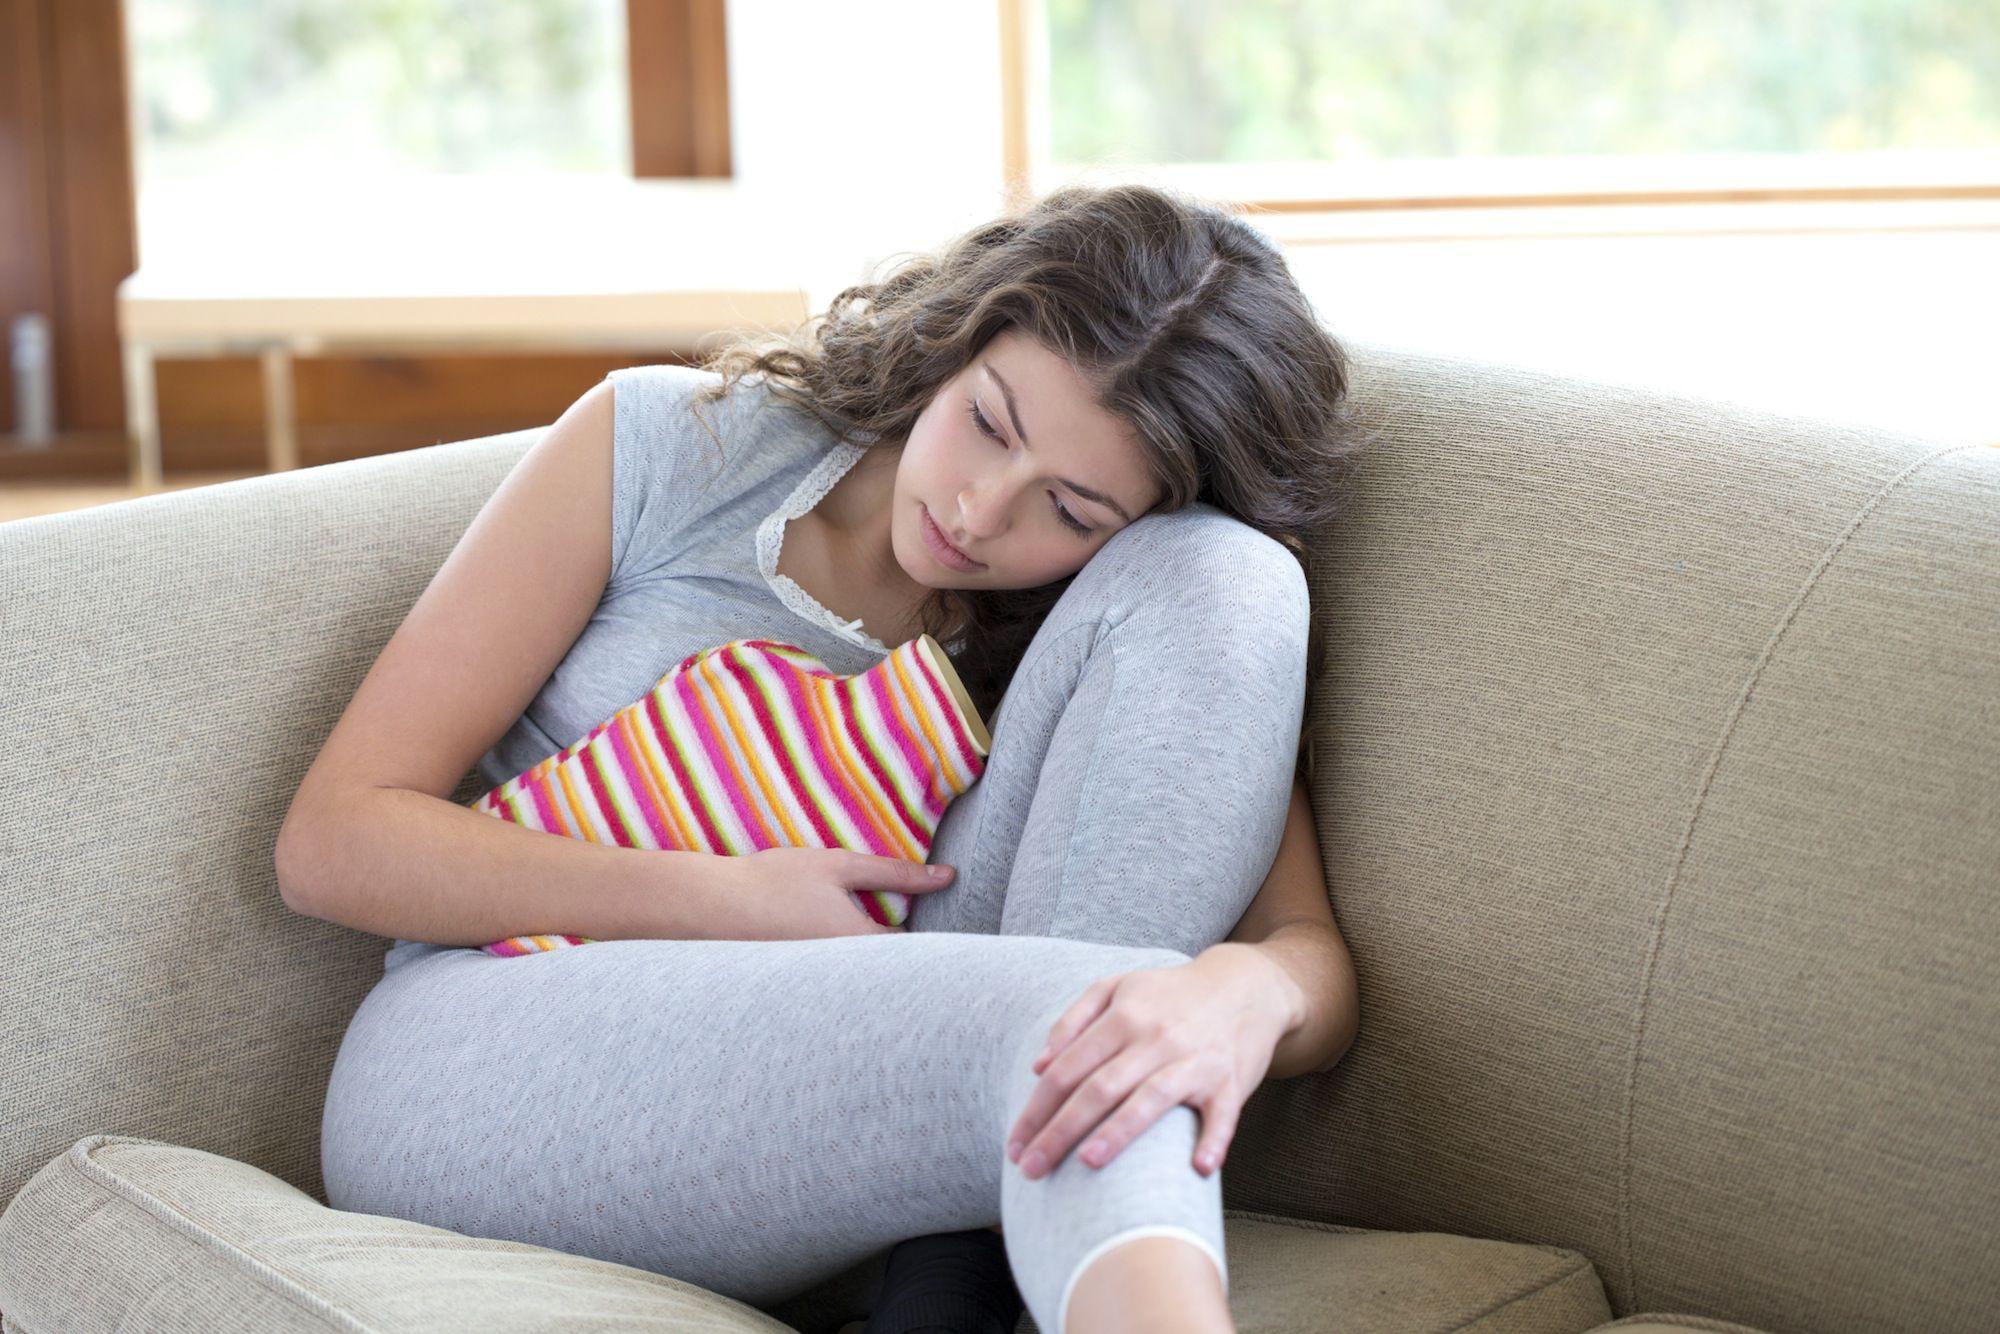 Chu kỳ kinh nguyệt quá ngắn có thể tiết lộ nhiều điều về sức khoẻ của bạn - Ảnh 2.